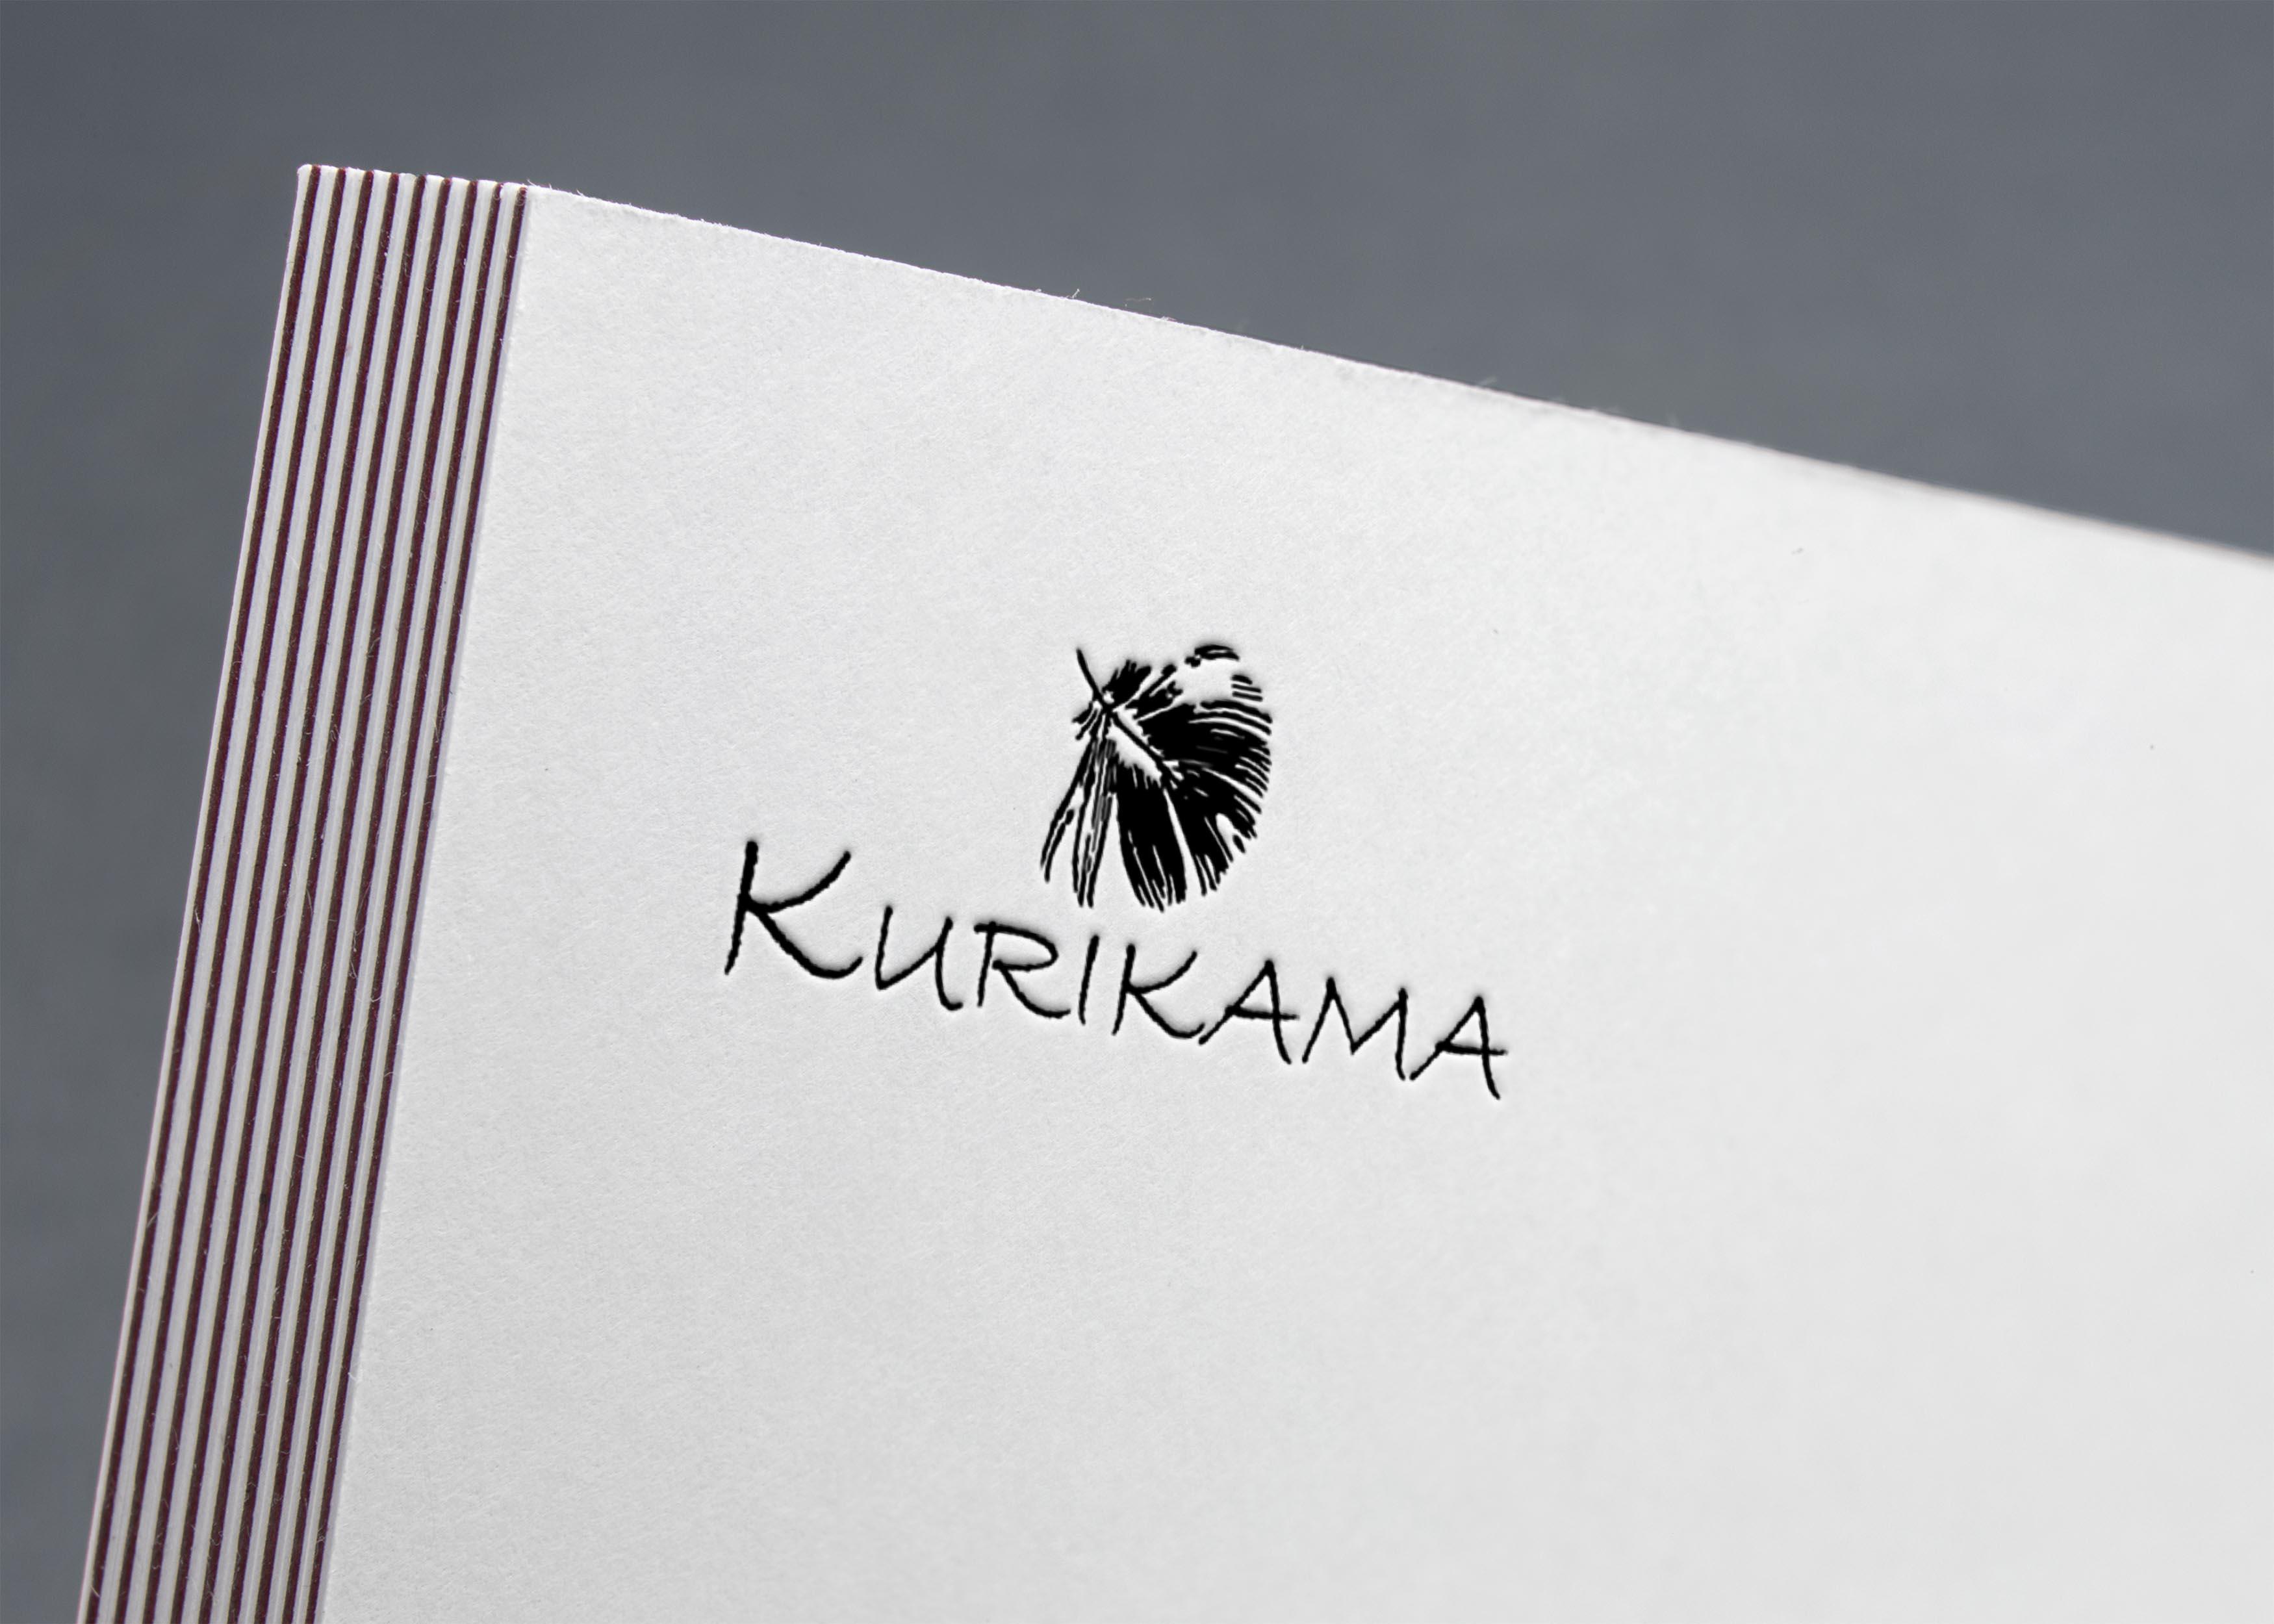 Logotype Association Kurikama